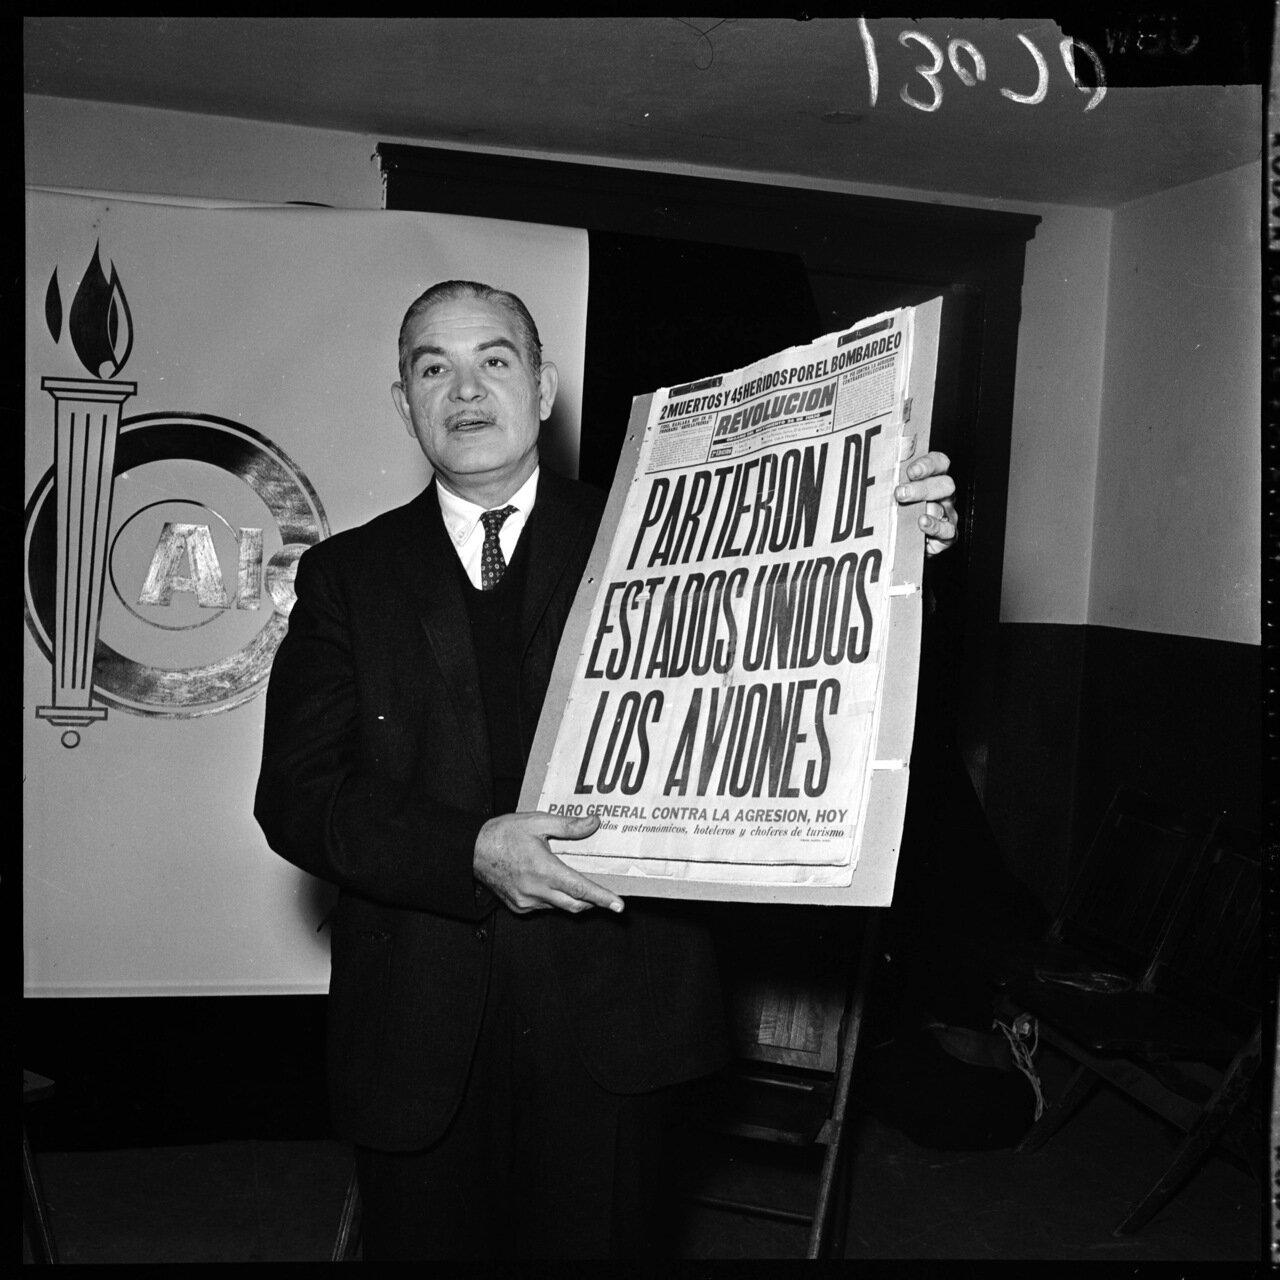 1961.13 декабря. Проект Тревога (антикоммунистическая конференция). Жозе Норман (Куба)